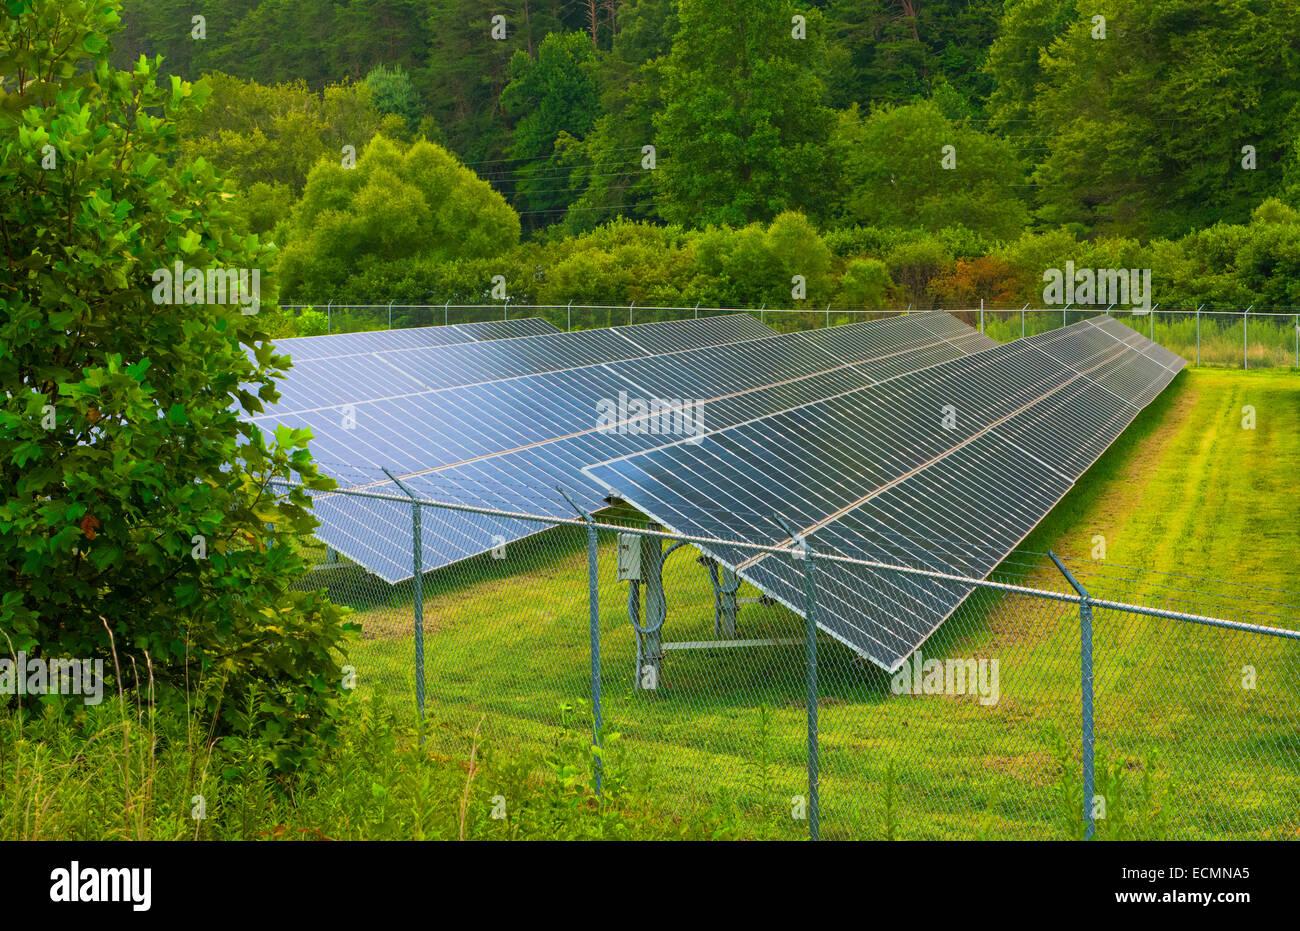 Georgia paneles solares energía solar verdes montañas Sky Valley, Imagen De Stock